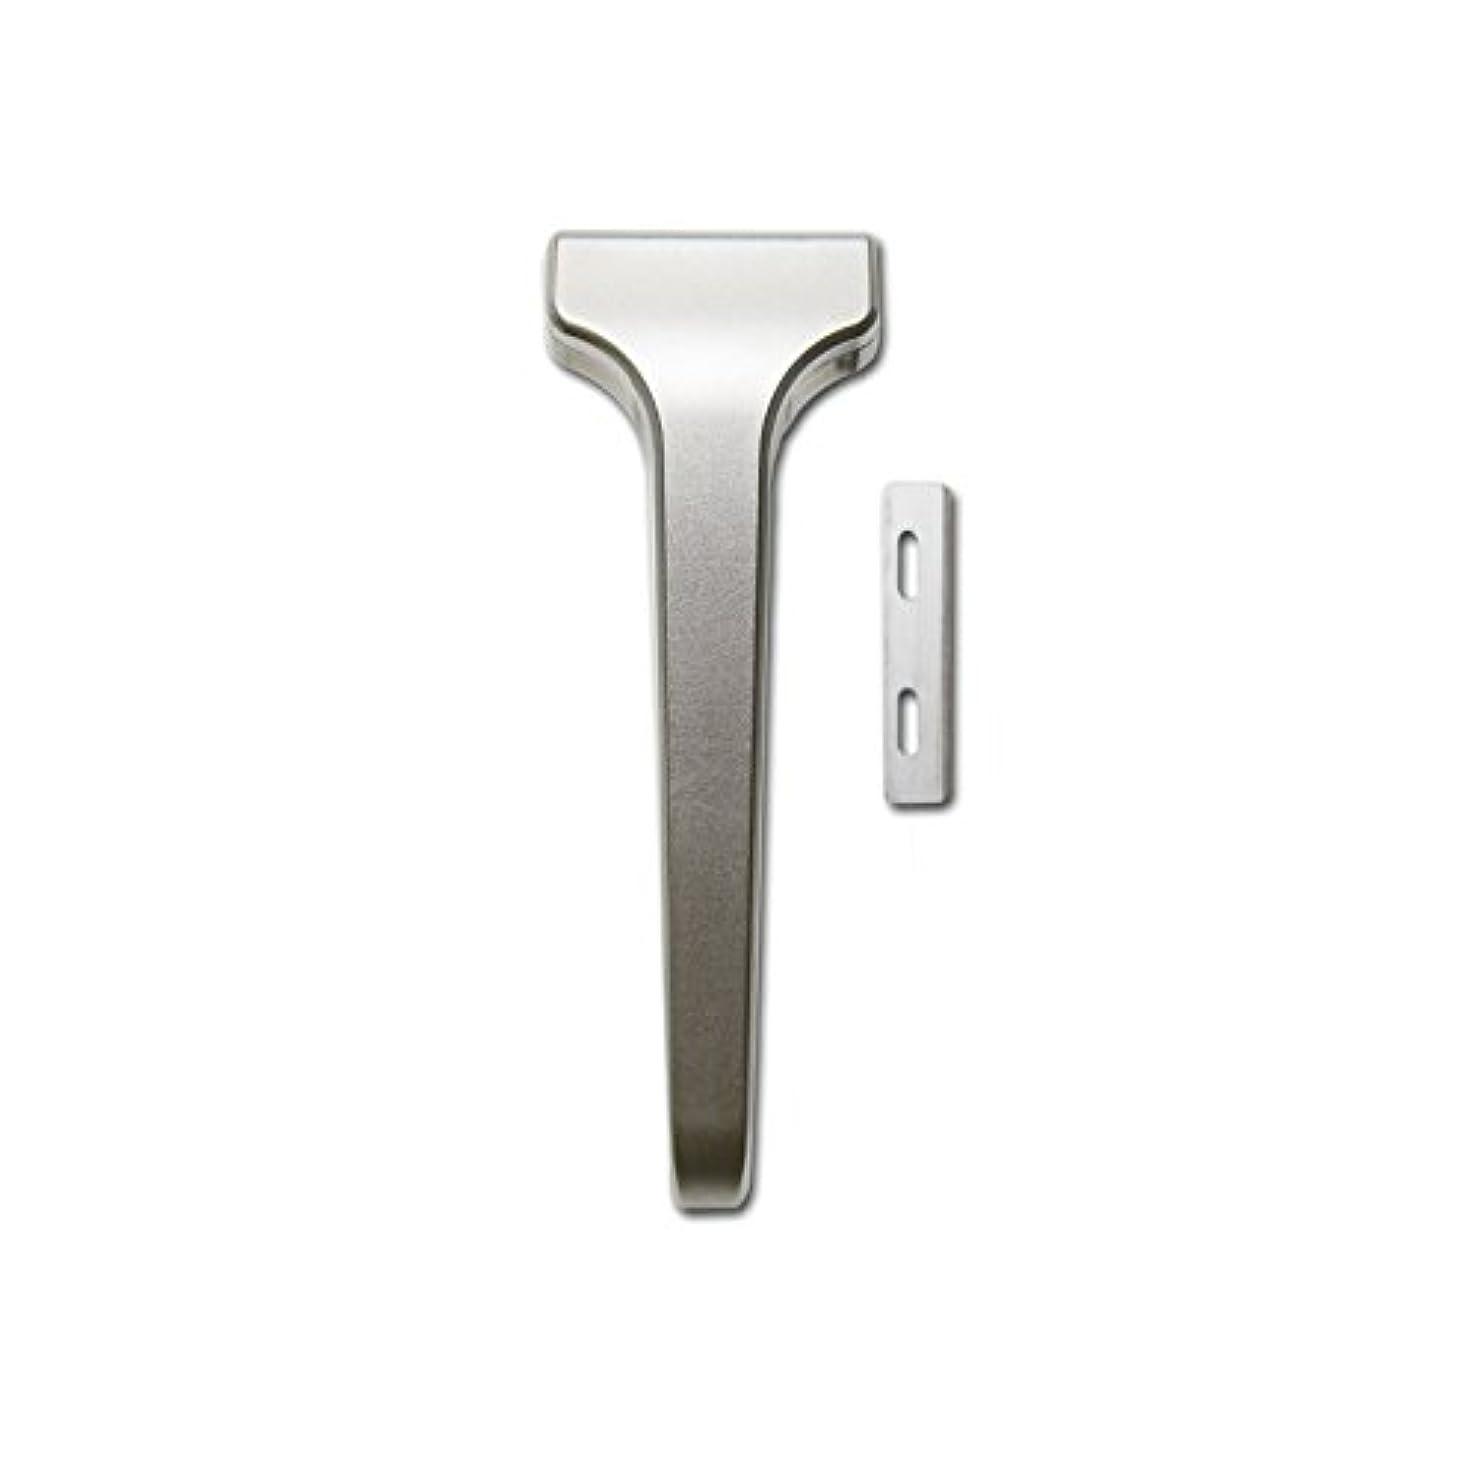 ジャーナルドック満了SUPPLY The Single Edge 2.0 片刃カミソリ 剃刀 インジェクター刃互換 (クラシックマット, 本体+替刃 20枚付)